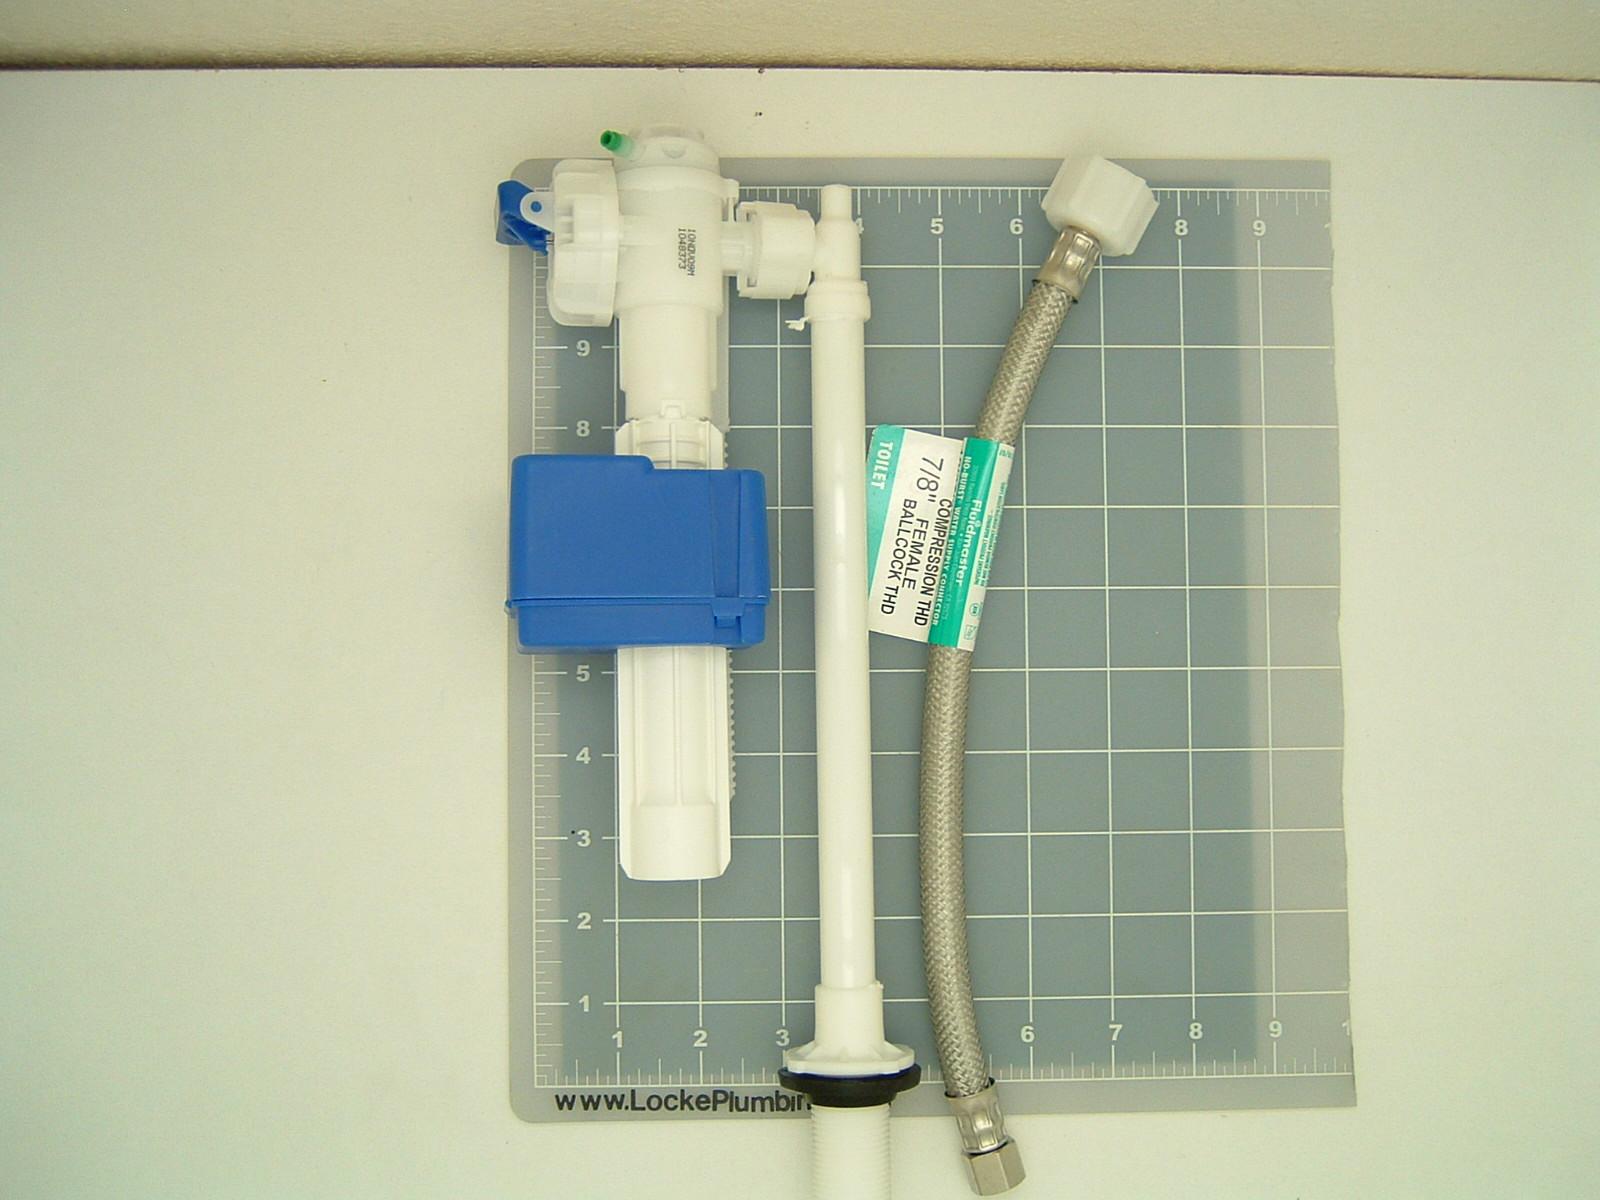 Kohler Fill Valve 1068031 For Flex Connection - Locke Plumbing